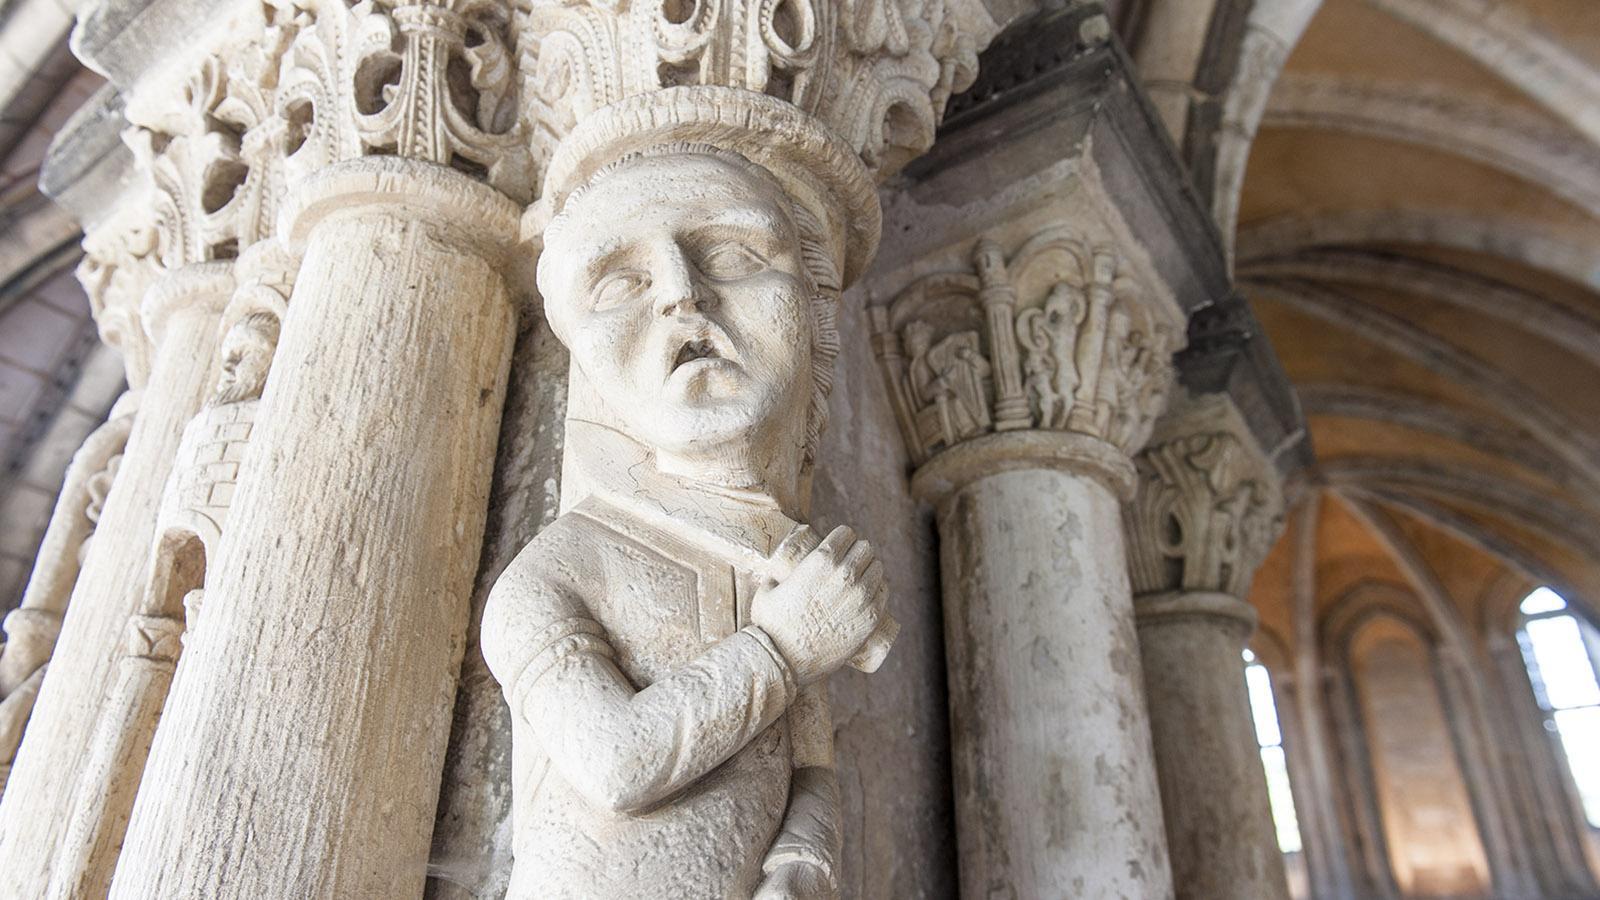 Blutrünstig: ein Kapitel in der Abteikirche von St-Martin-de-Boscherville. Foto: Hilke Maunder